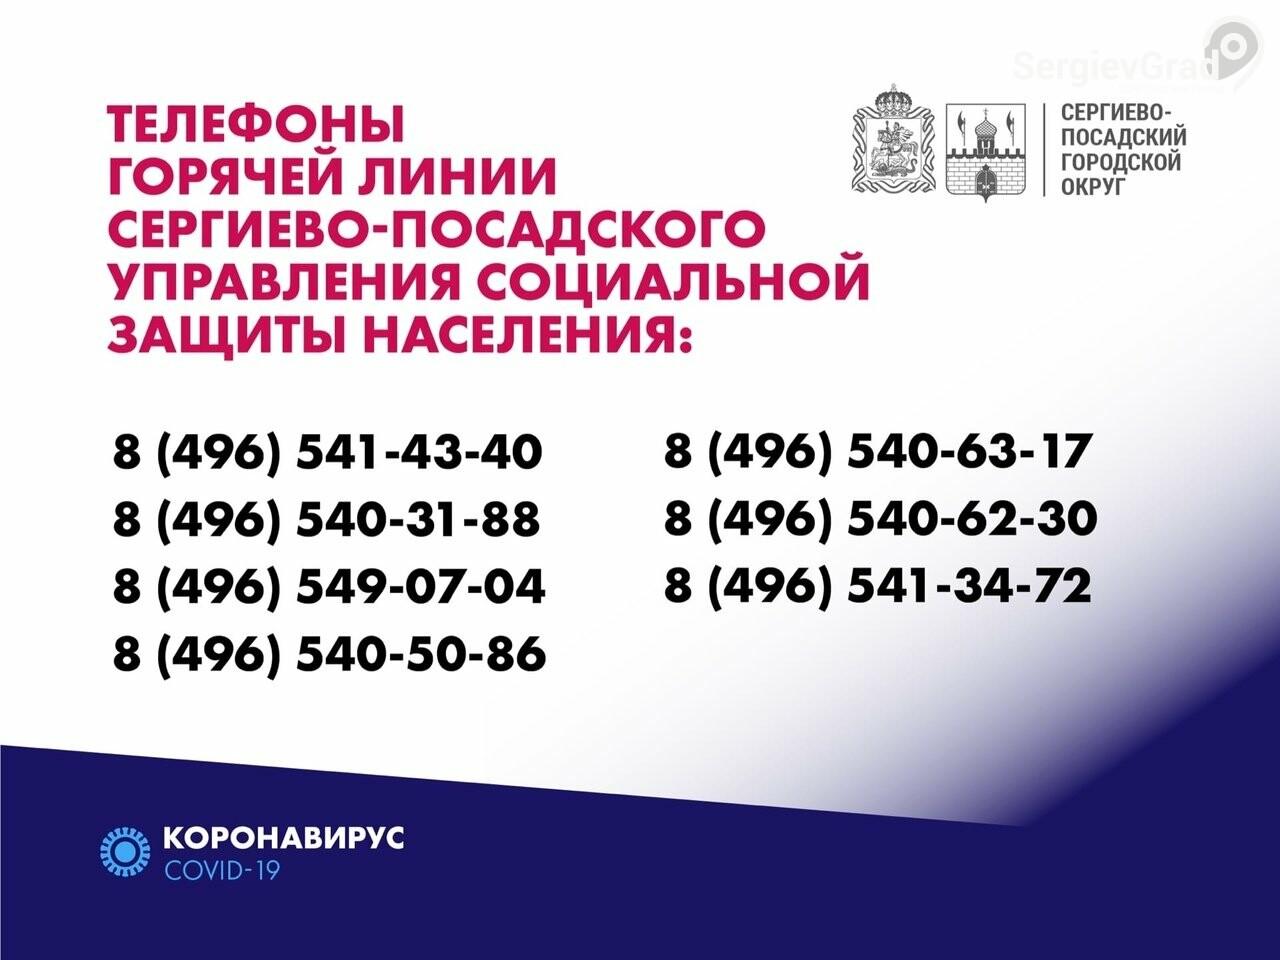 Как в Московской области оформить электронный пропуск через мобильное приложение, SMS и портал «Госуслуги», фото-6